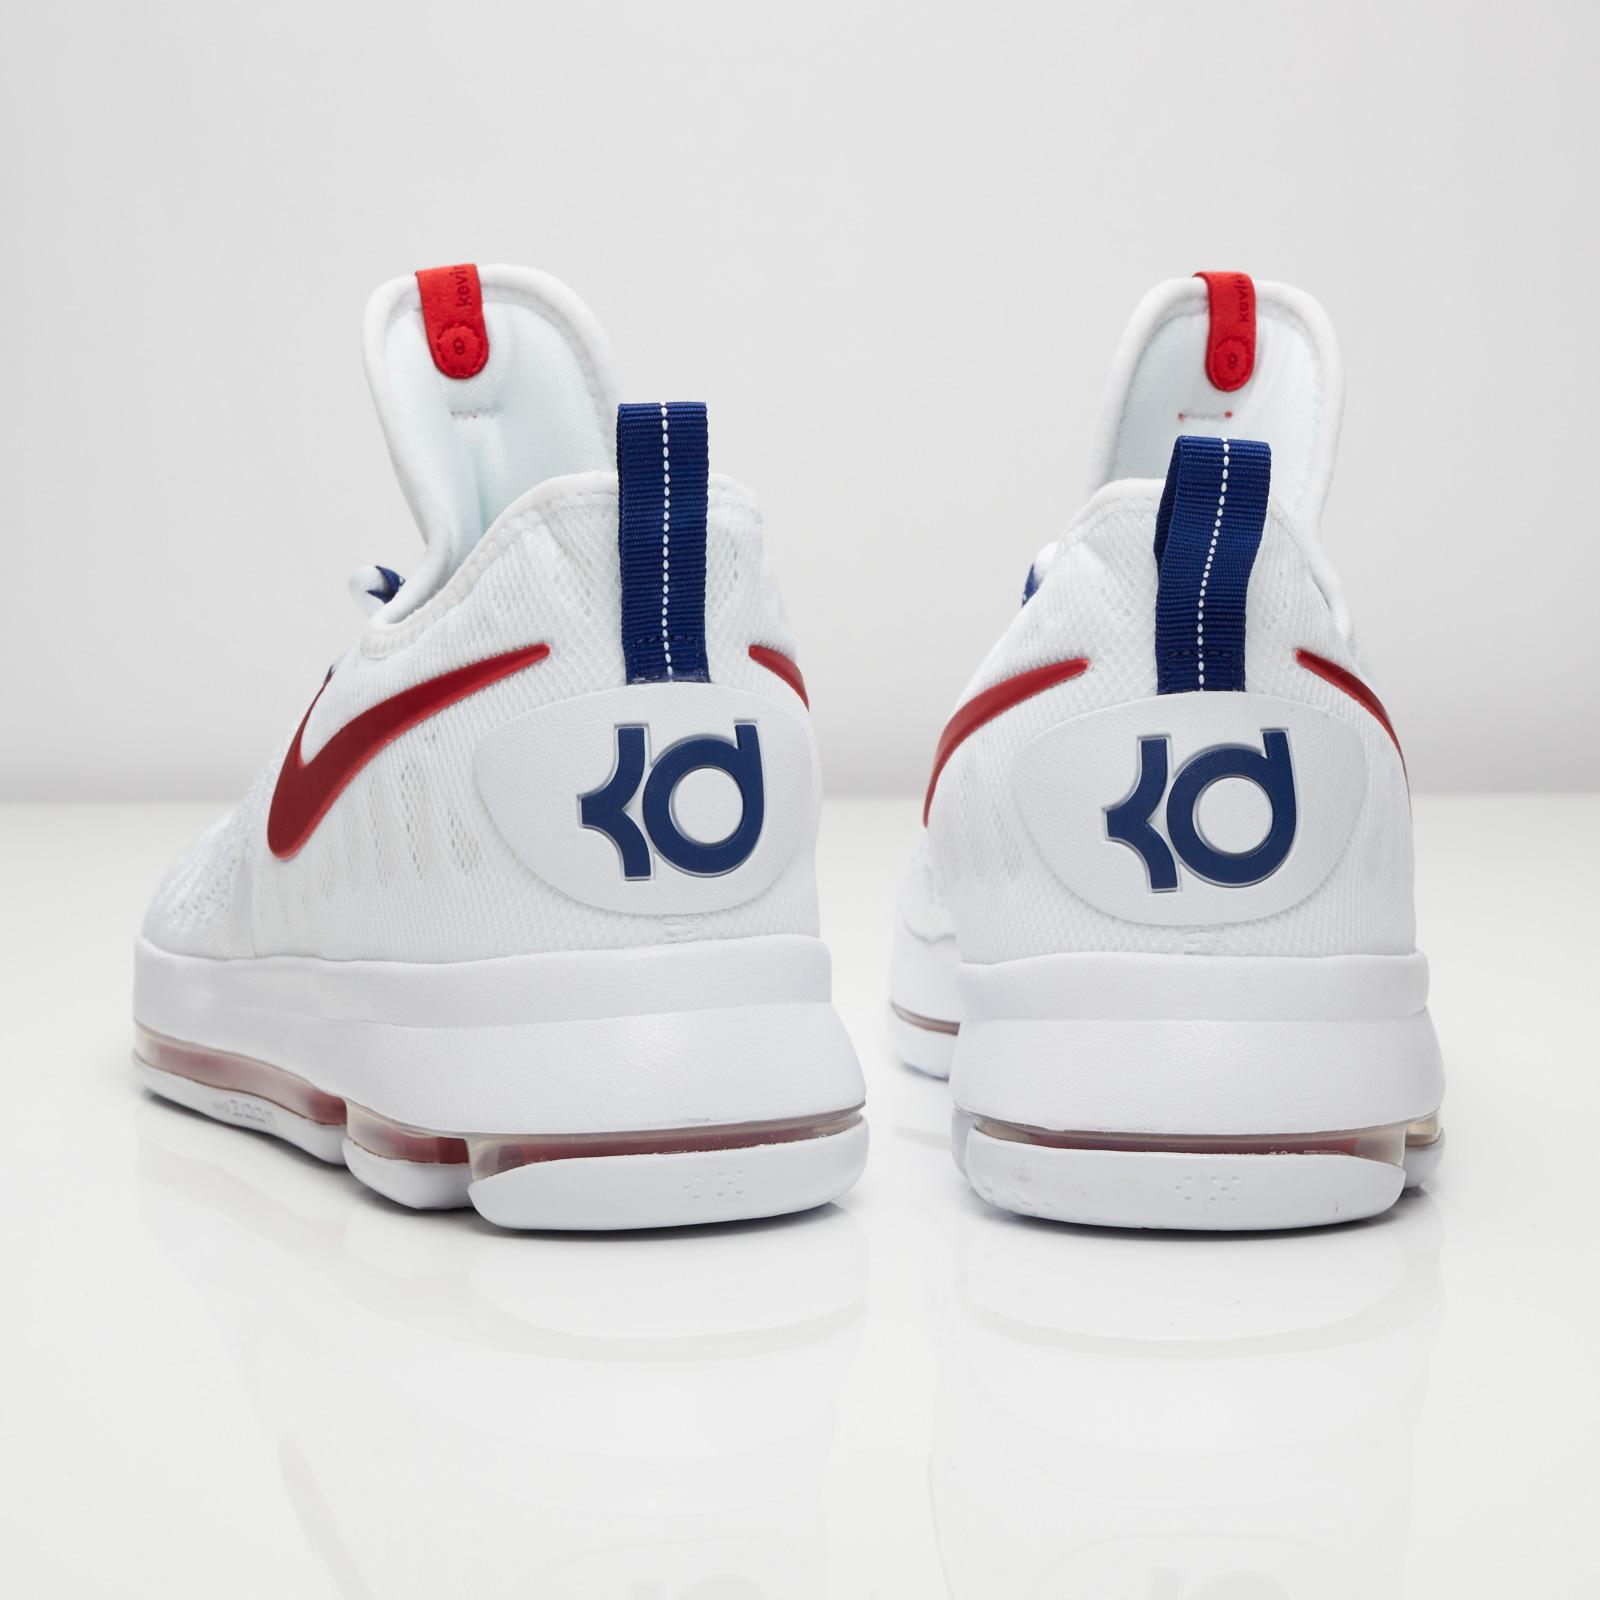 a4dd10cfa51 Nike Zoom KD 9 - 843392-160 - Sneakersnstuff